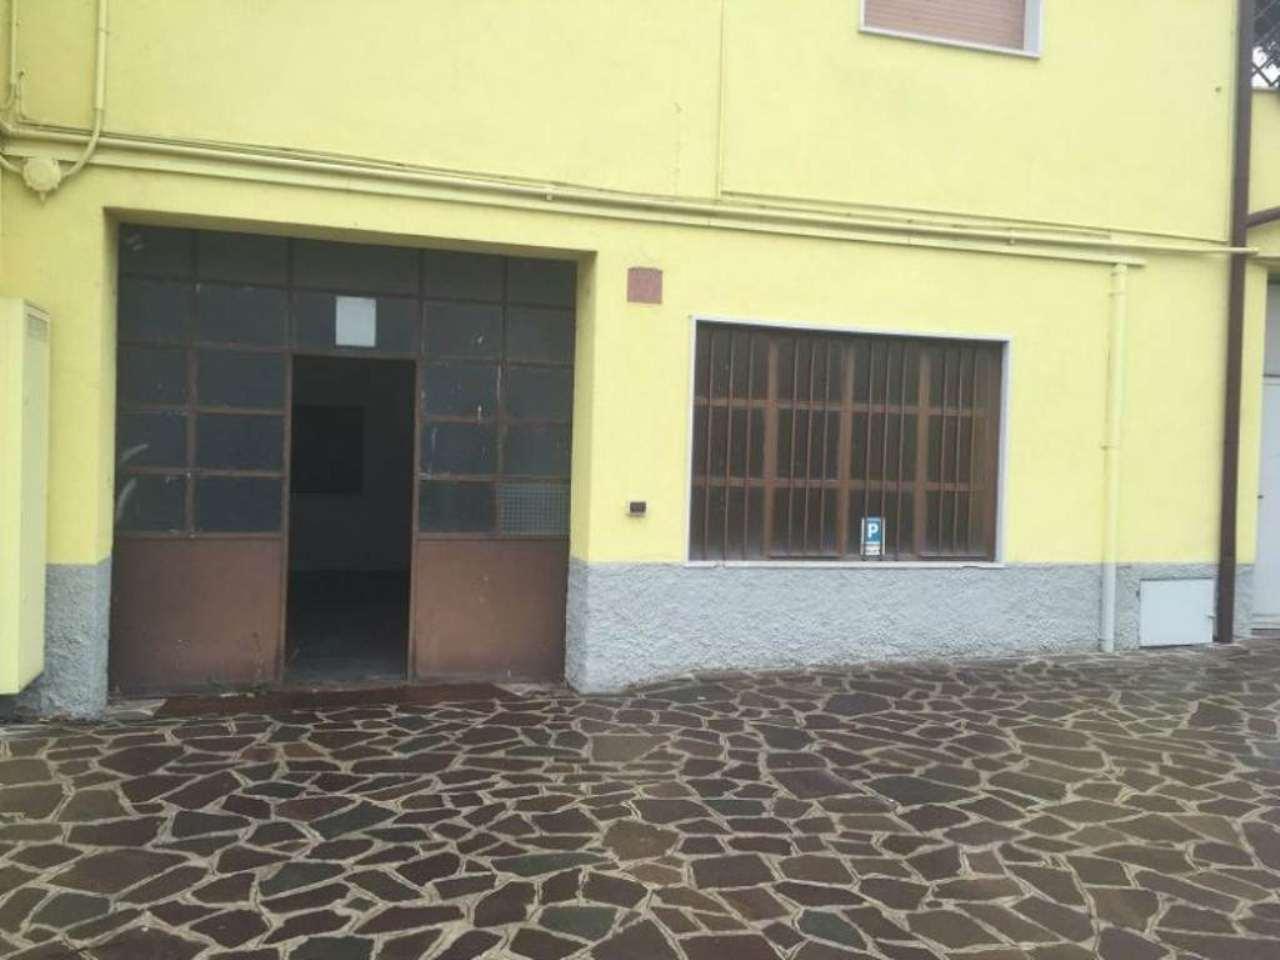 Laboratorio in affitto a Truccazzano, 9999 locali, prezzo € 600 | Cambio Casa.it